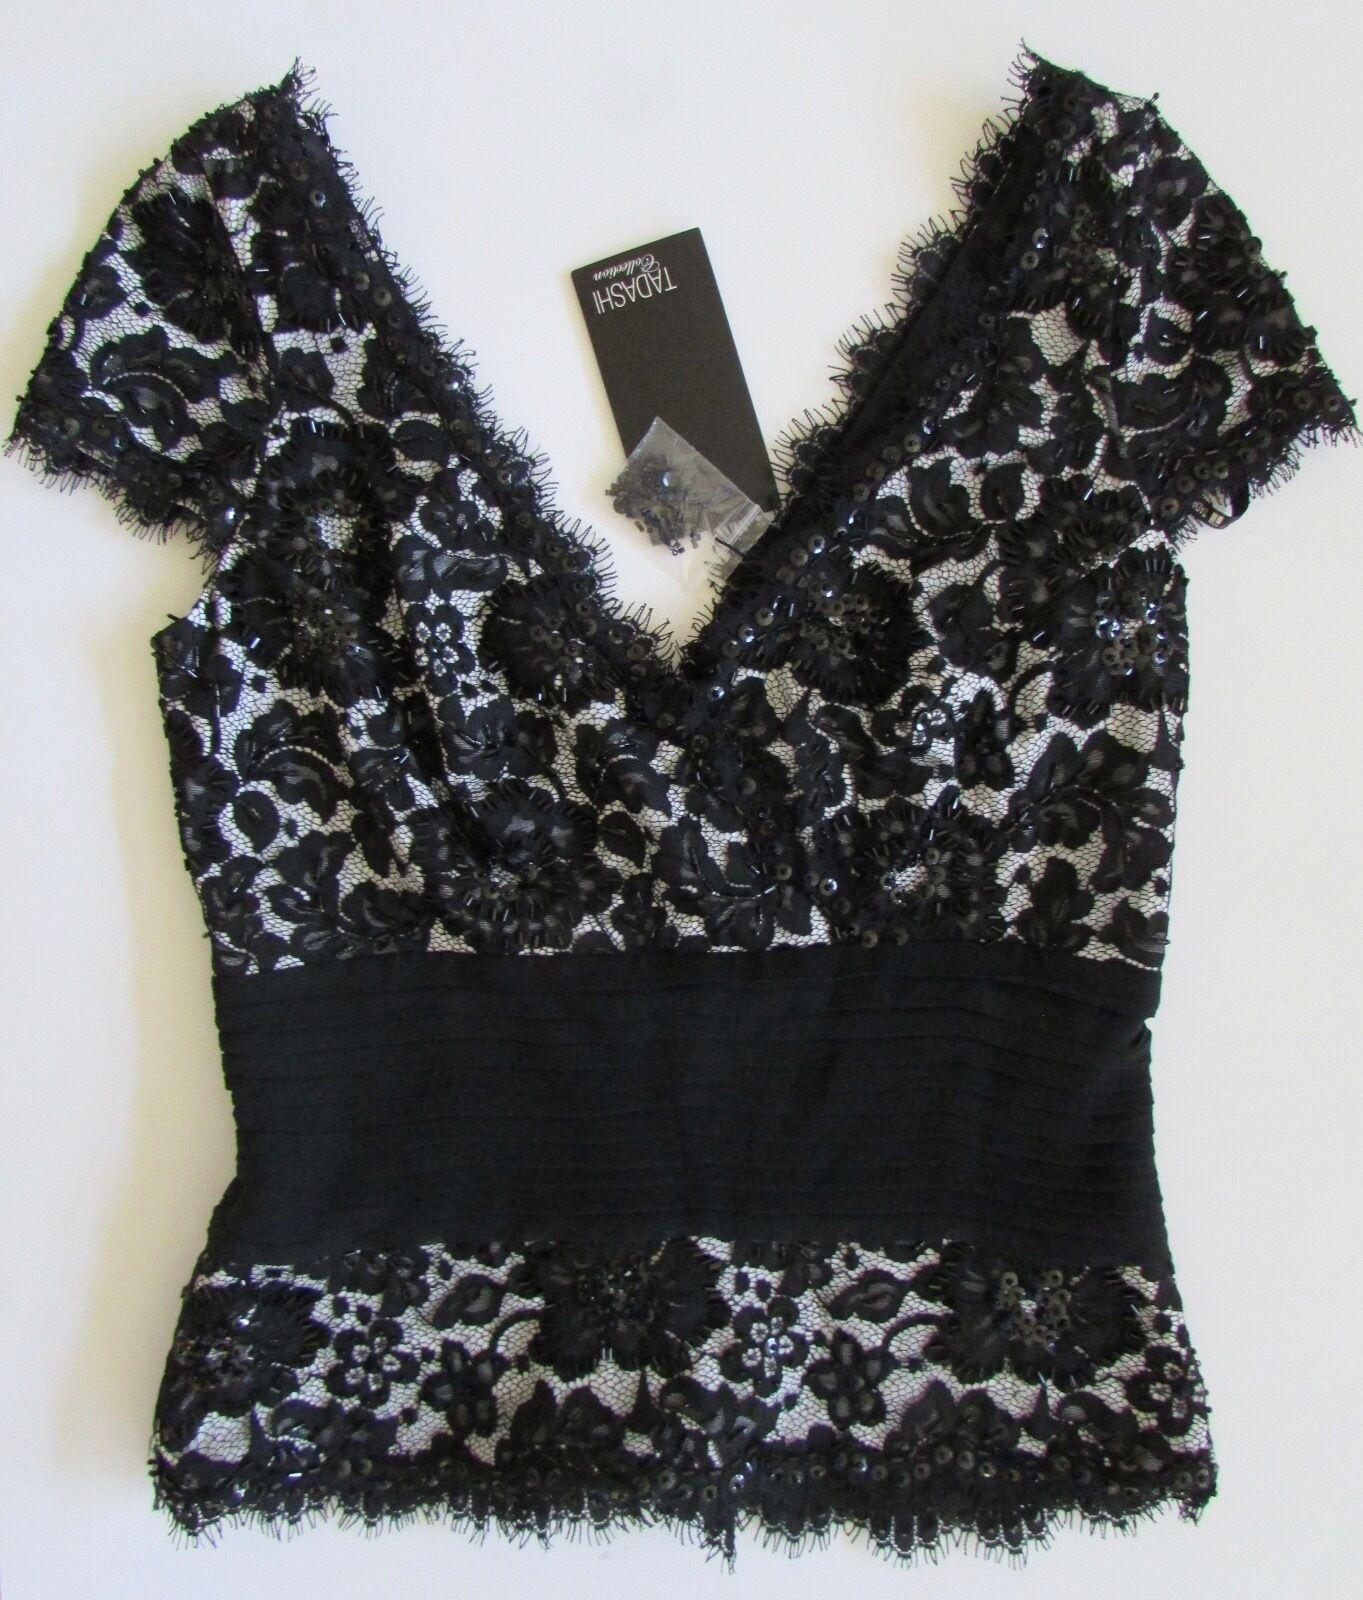 NWT Tadashi Collection damen Formal schwarz Sequin Lace Top Sz 6